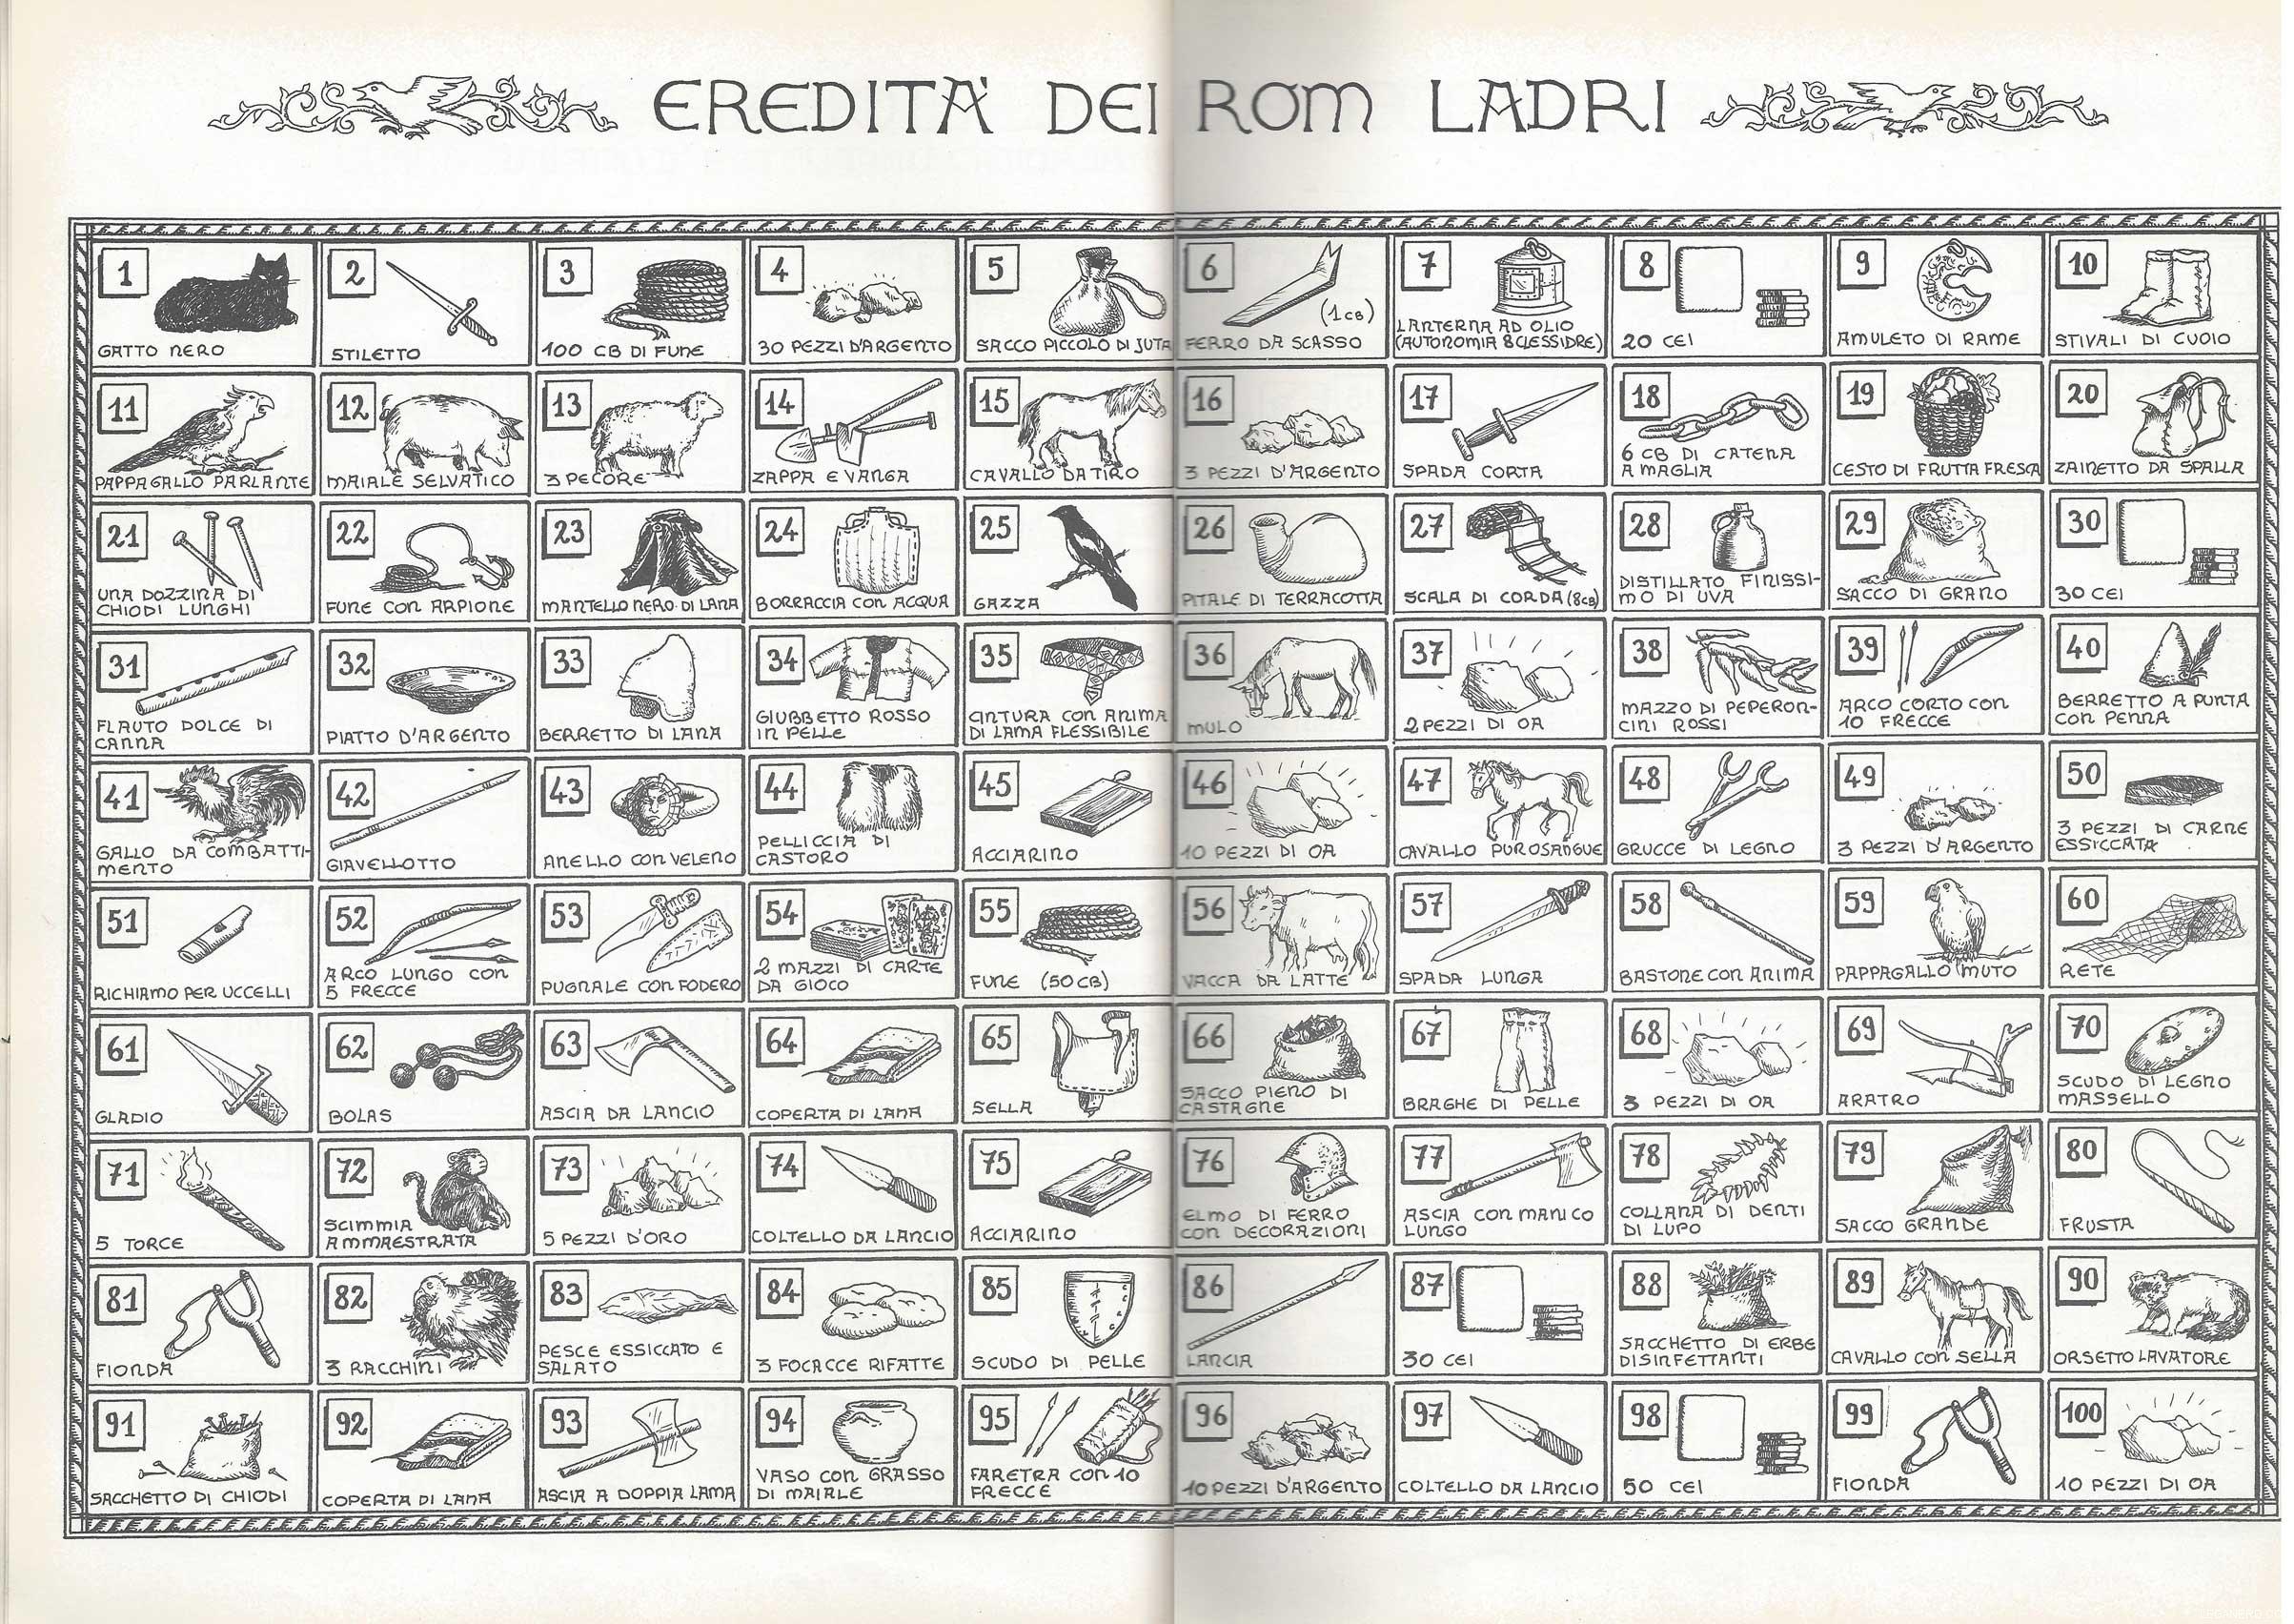 eredita-dei-rom-ladri